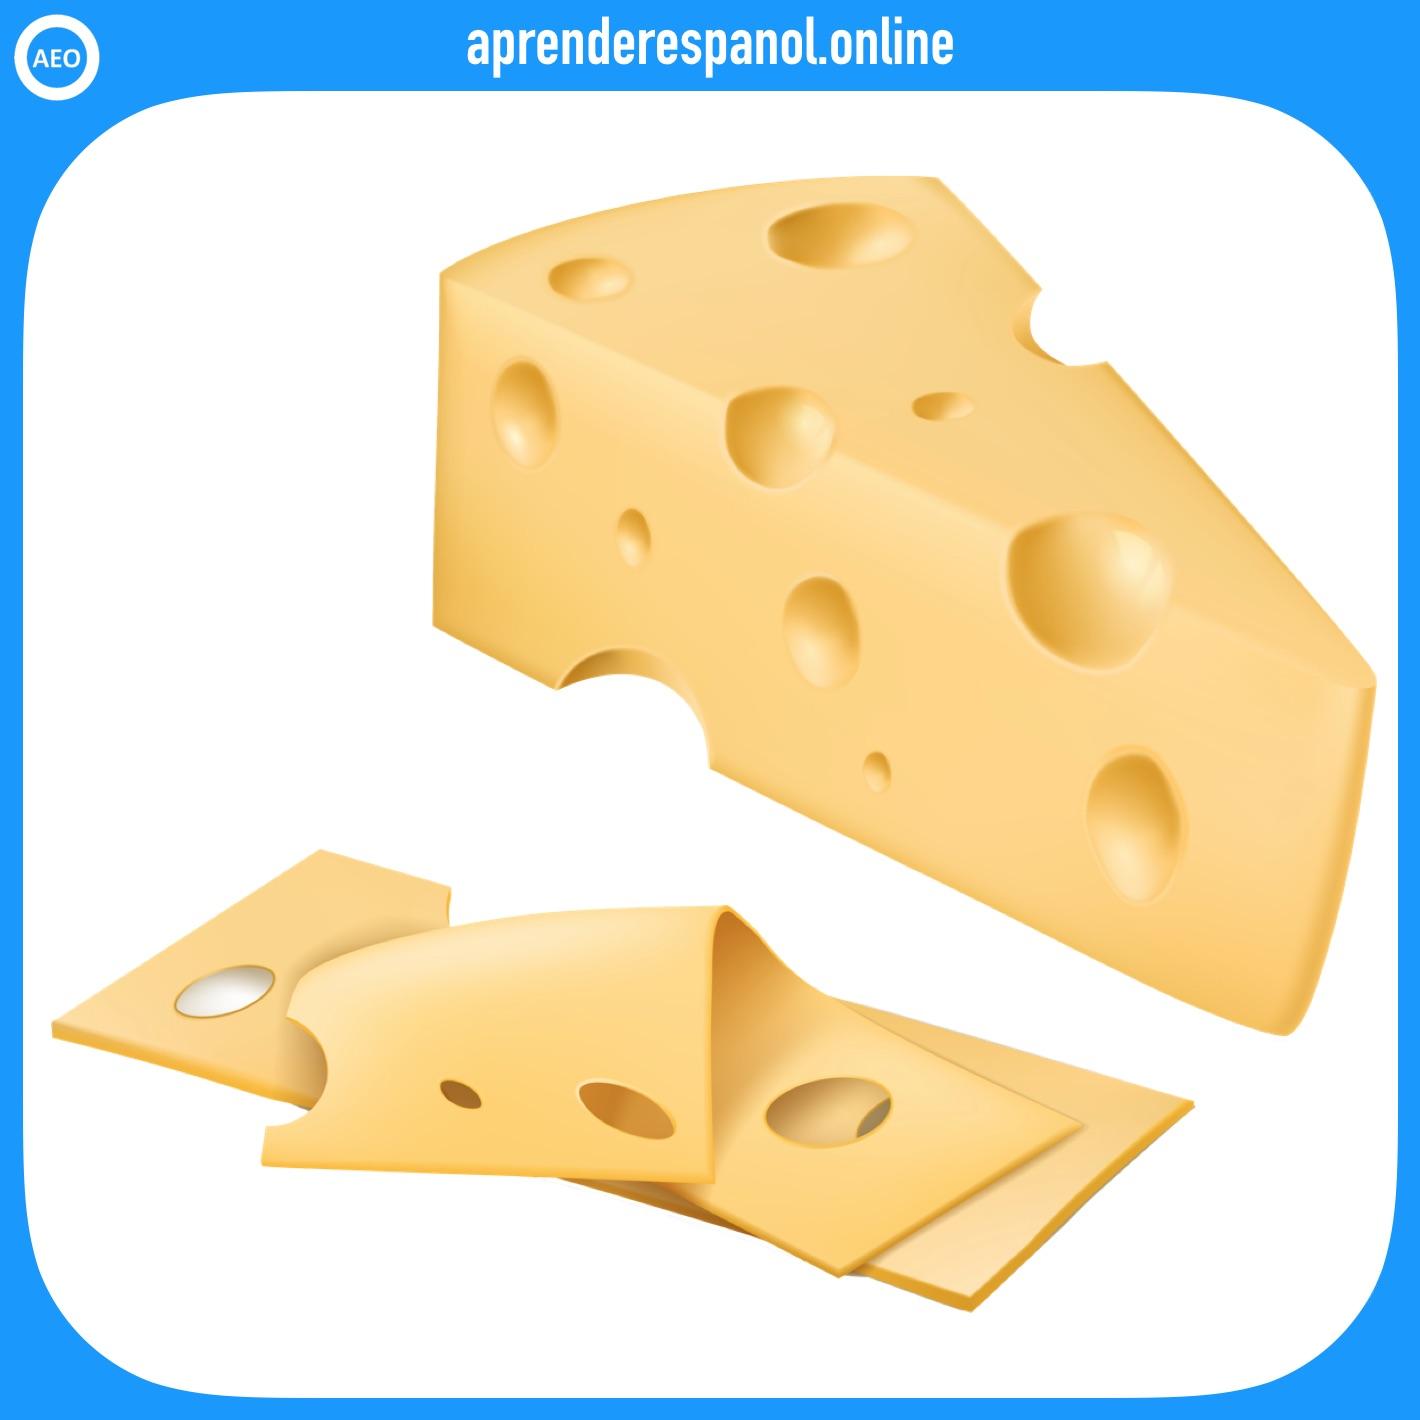 queso   alimentos en español   vocabulario de los alimentos en español